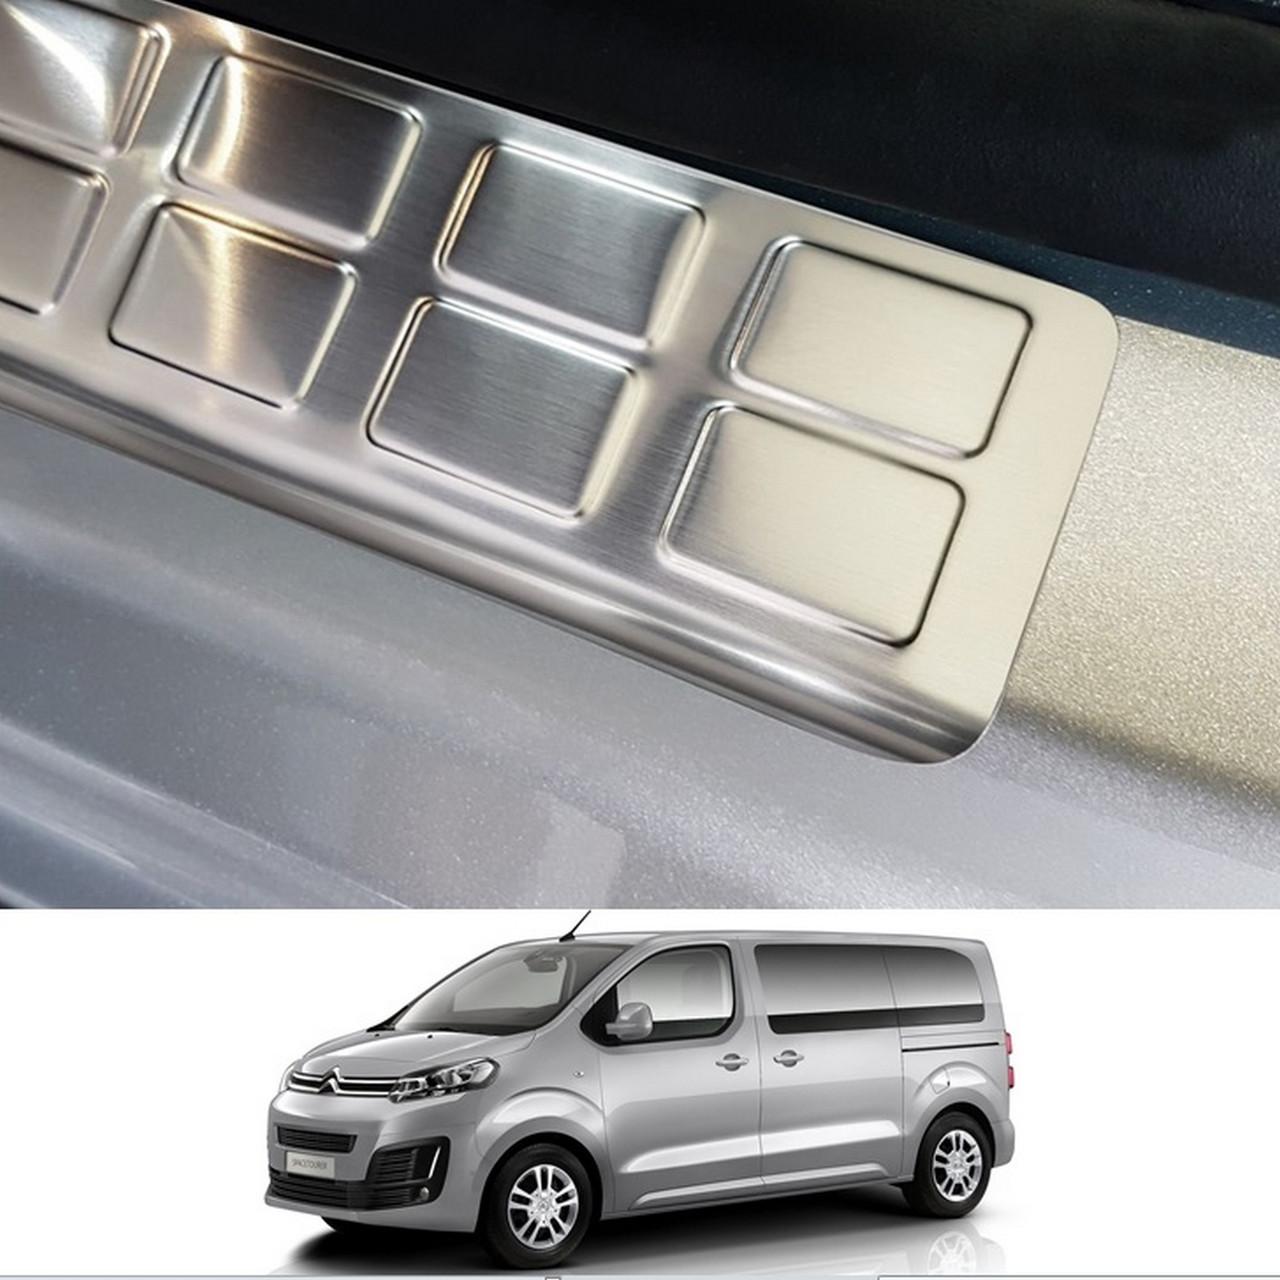 Накладки на отвори порогів задніх зсувних дверей для Opel Vivaro С / Zafira Life 2019+ /нерж.сталь/